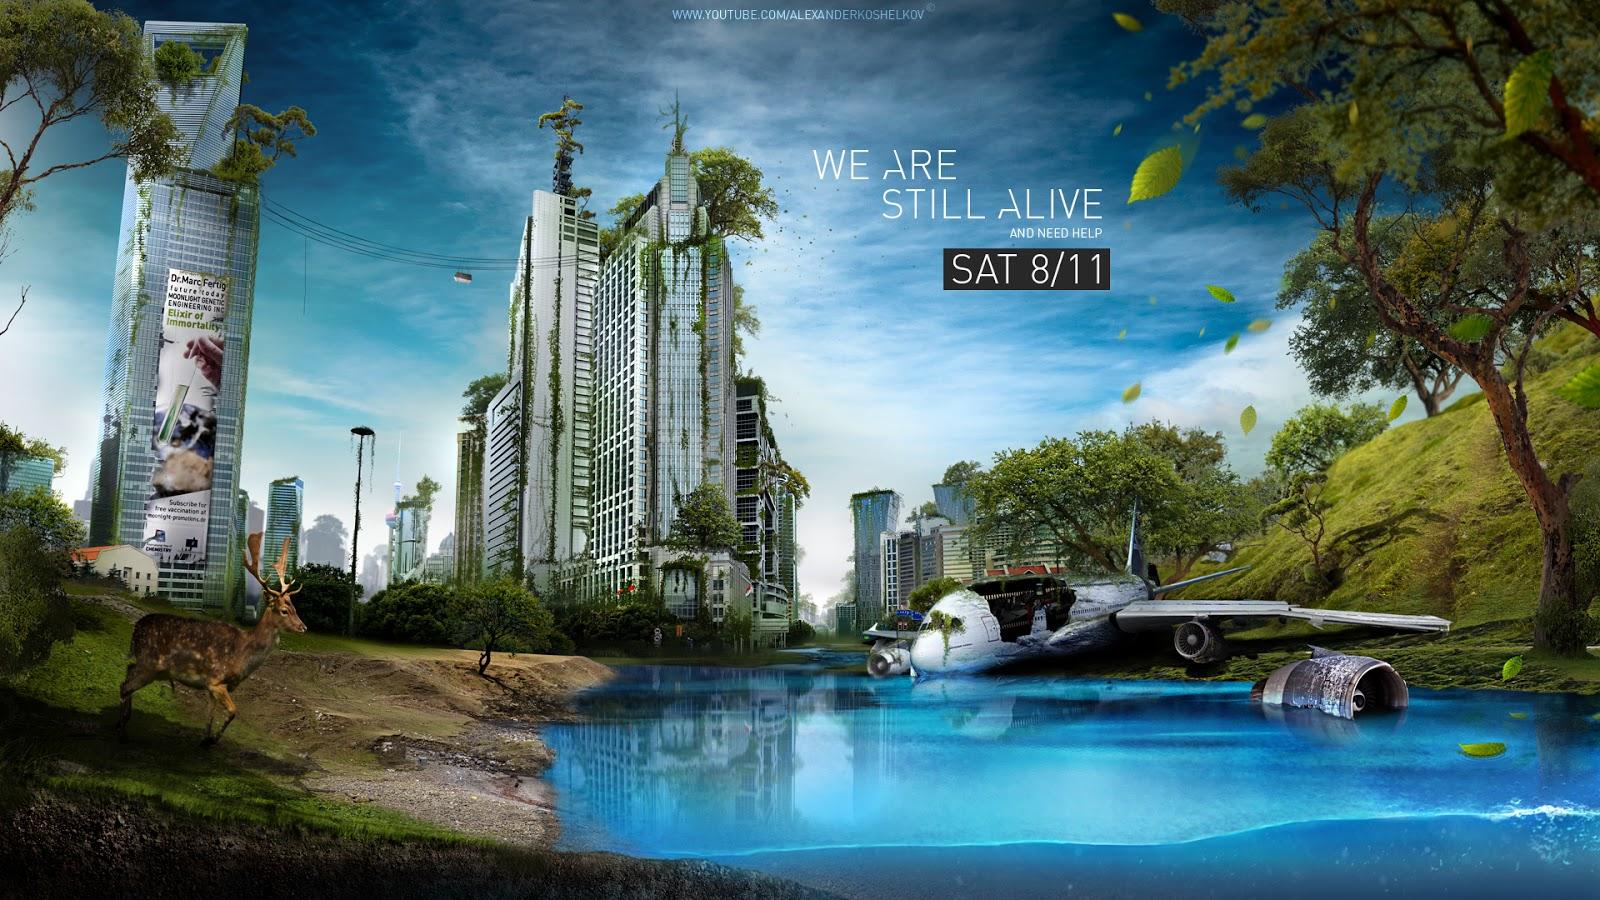 - A live nature wallpaper ...